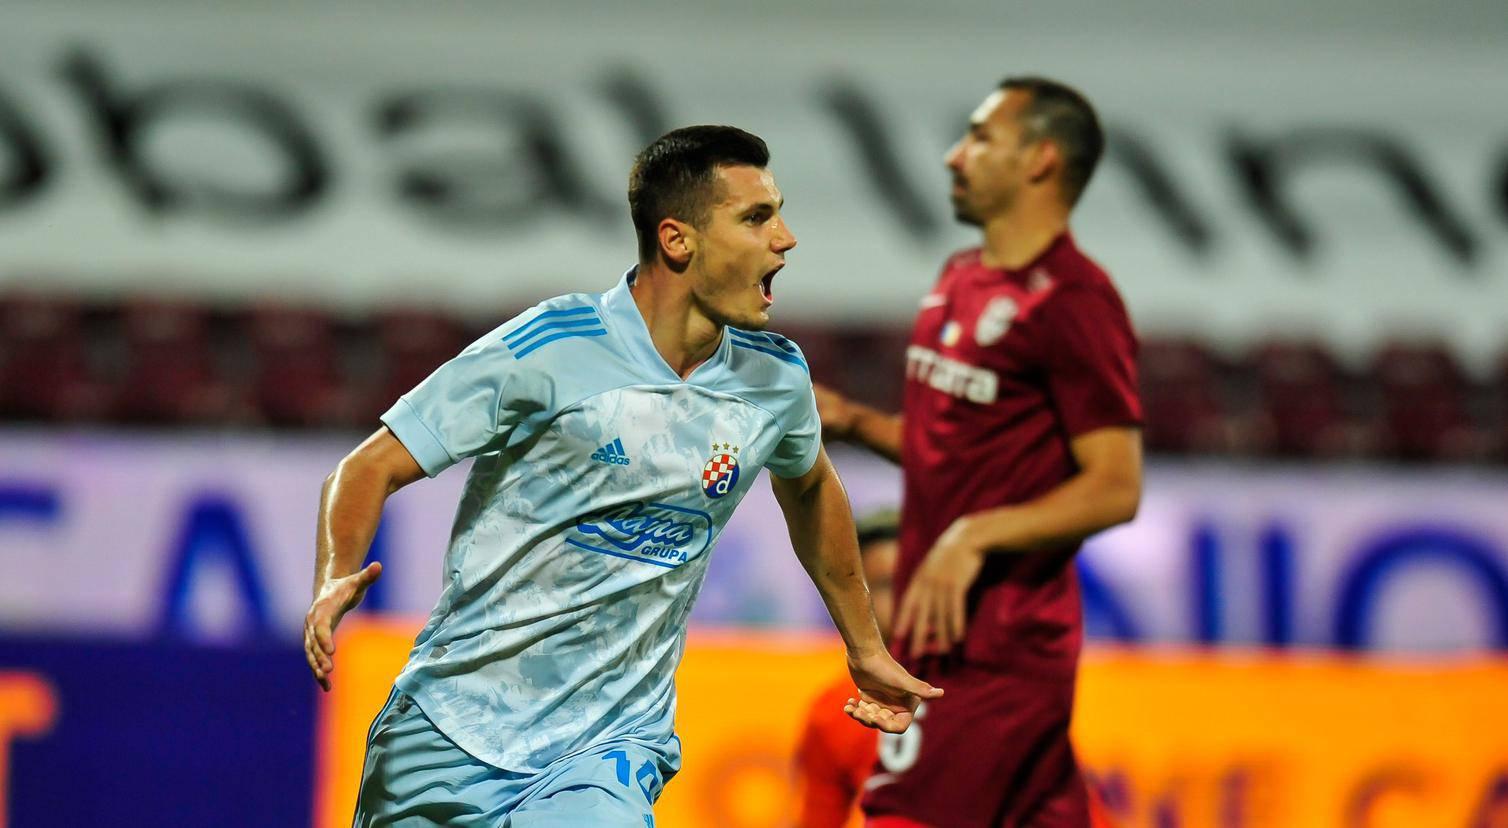 Gojak: Spremni smo i poginuti jedni za druge, a takav Dinamo trebaju ozbiljno respektirati...